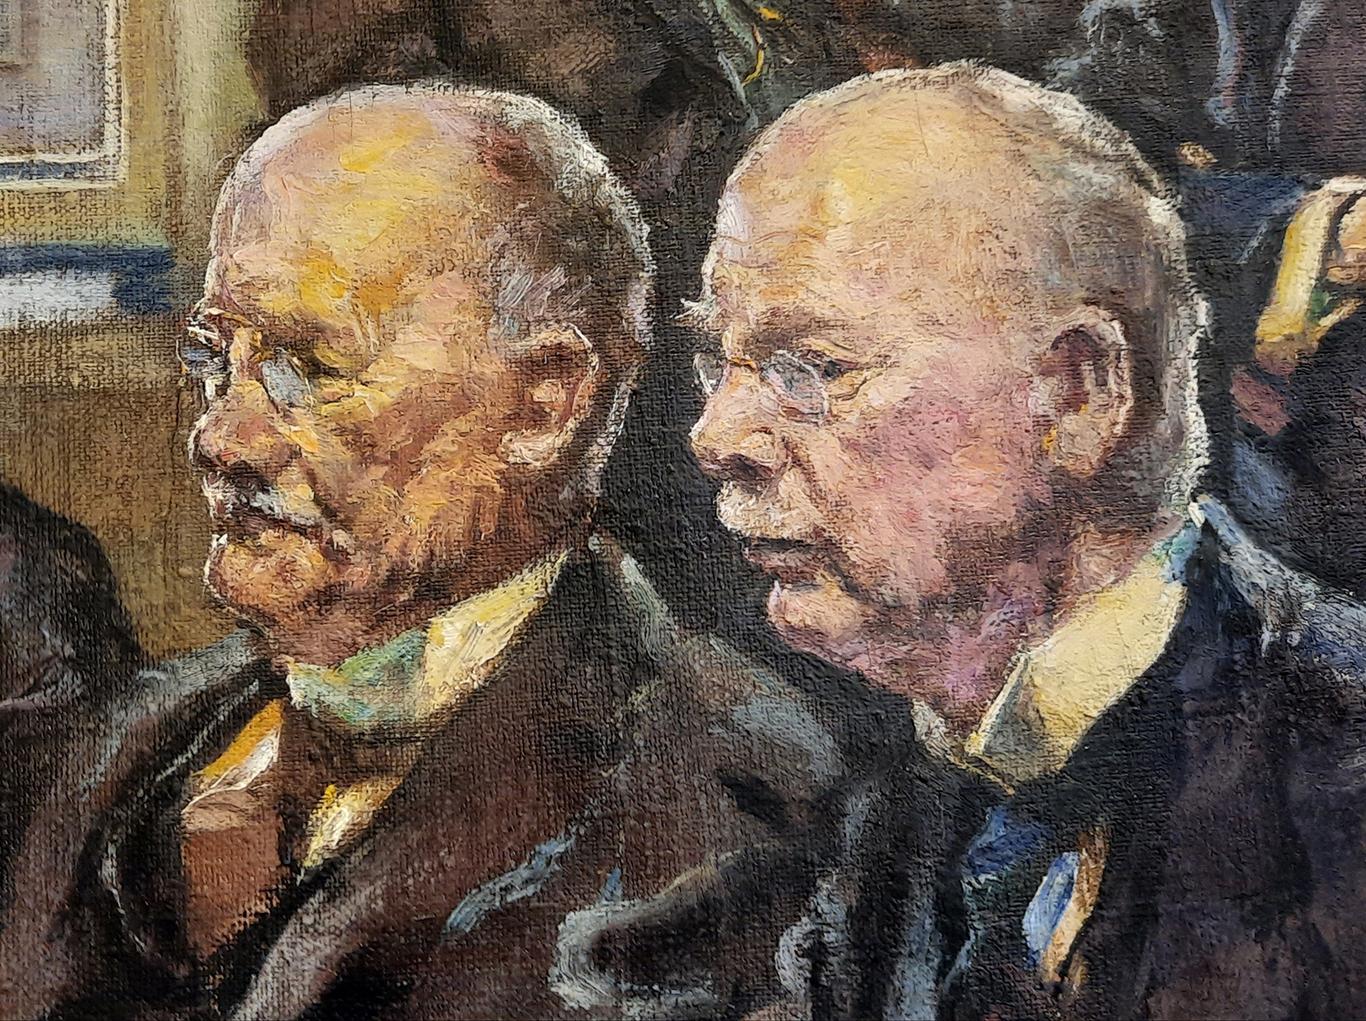 Rajattu yksityiskohta maalauksen oikeasta reunasta: kahden iäkkään mieshenkilön lähes sivusta kuvatut kasvot. Siveltimenvedot ja maalauksen pohjakangas erottuvat.